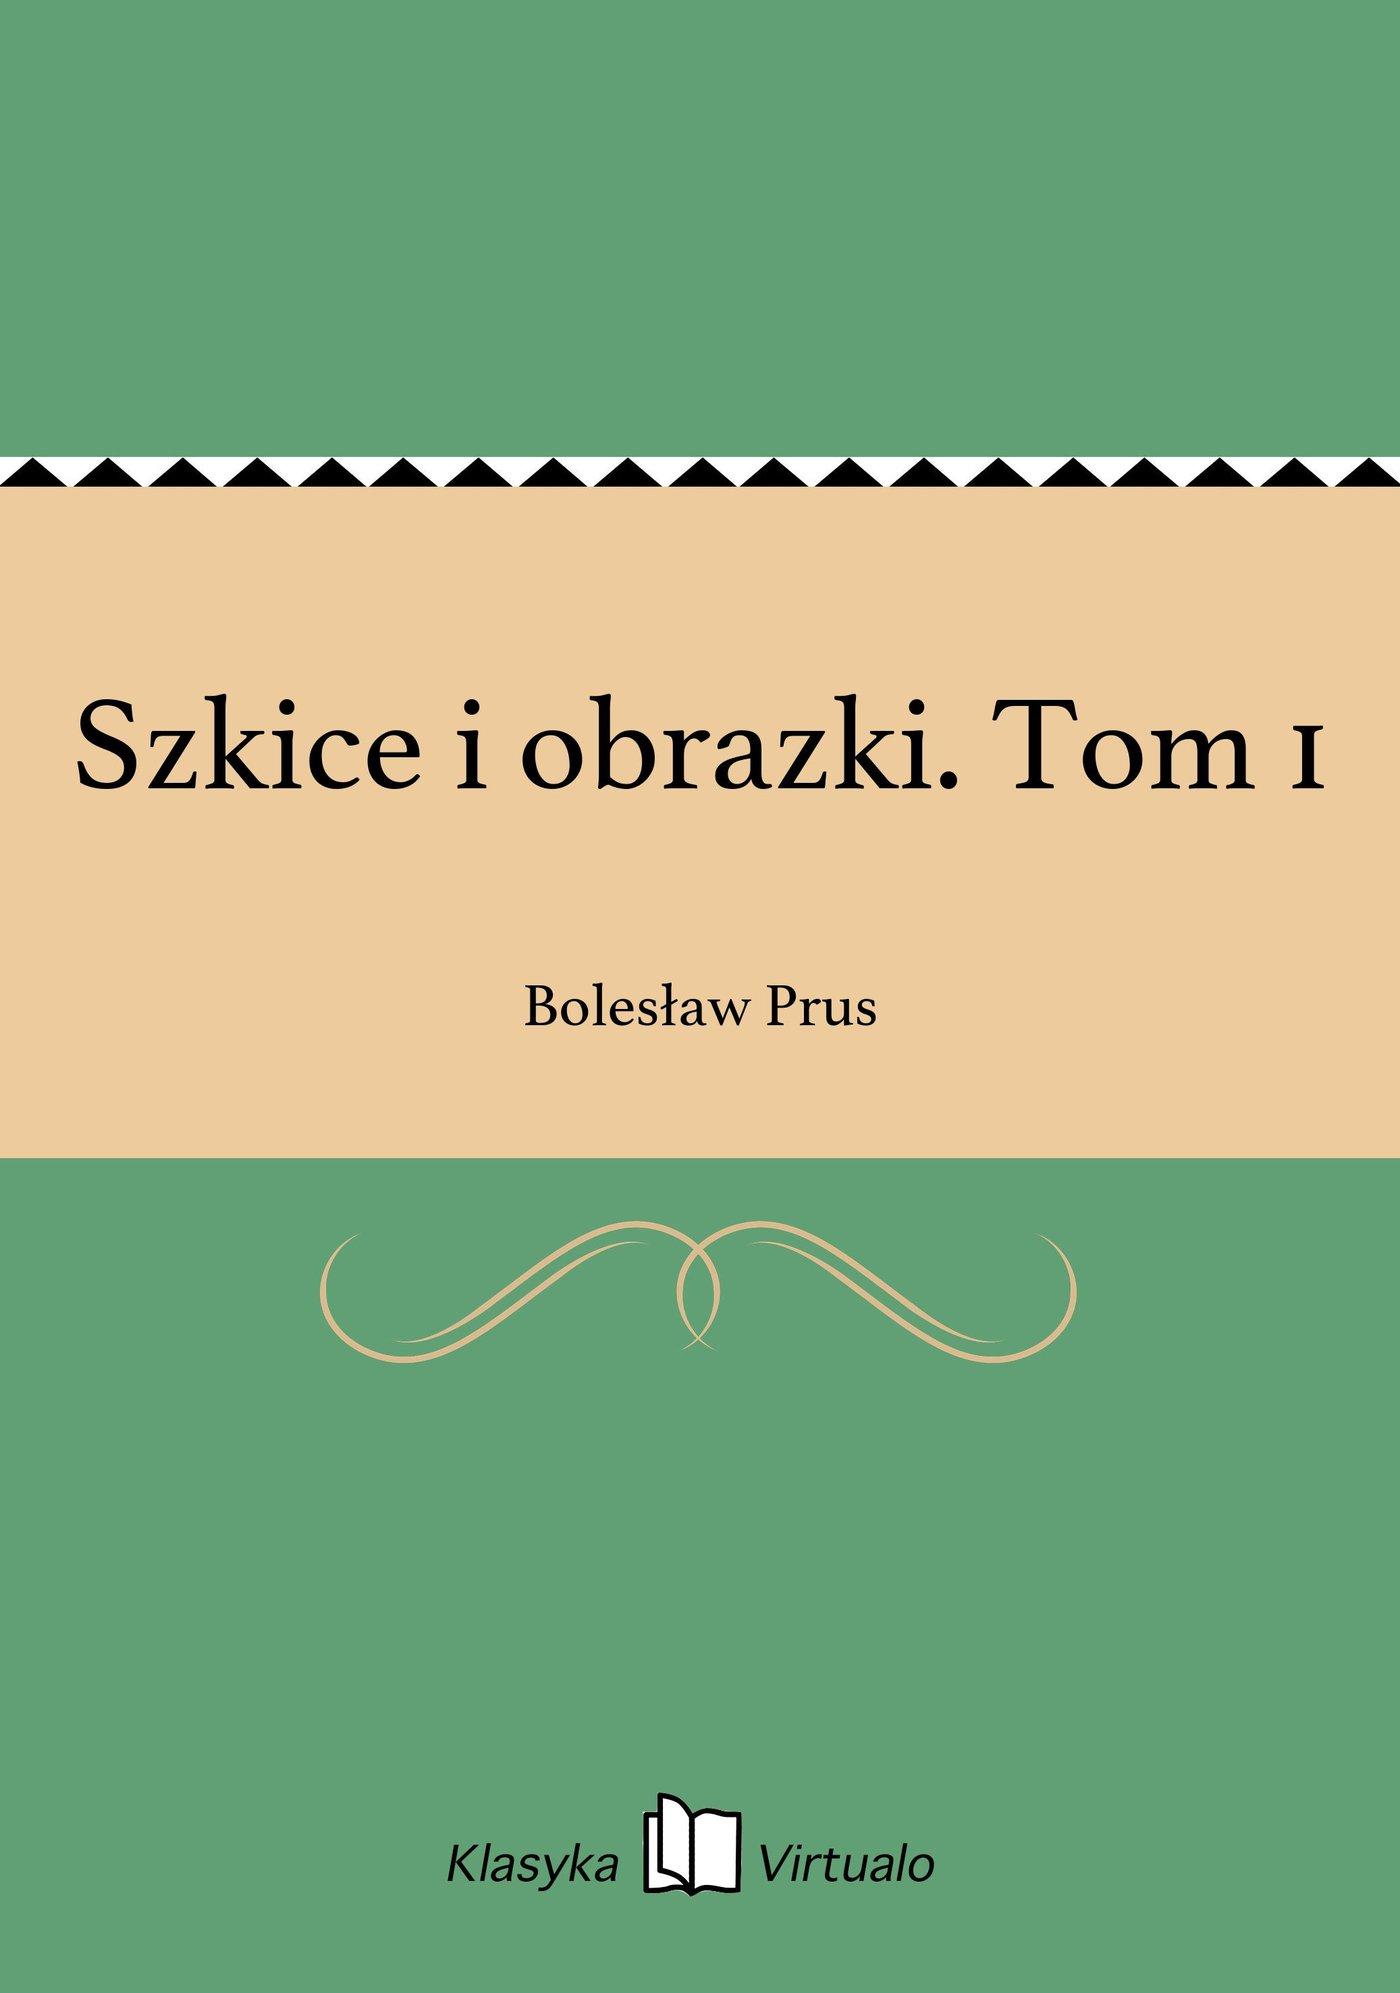 Szkice i obrazki. Tom 1 - Ebook (Książka EPUB) do pobrania w formacie EPUB